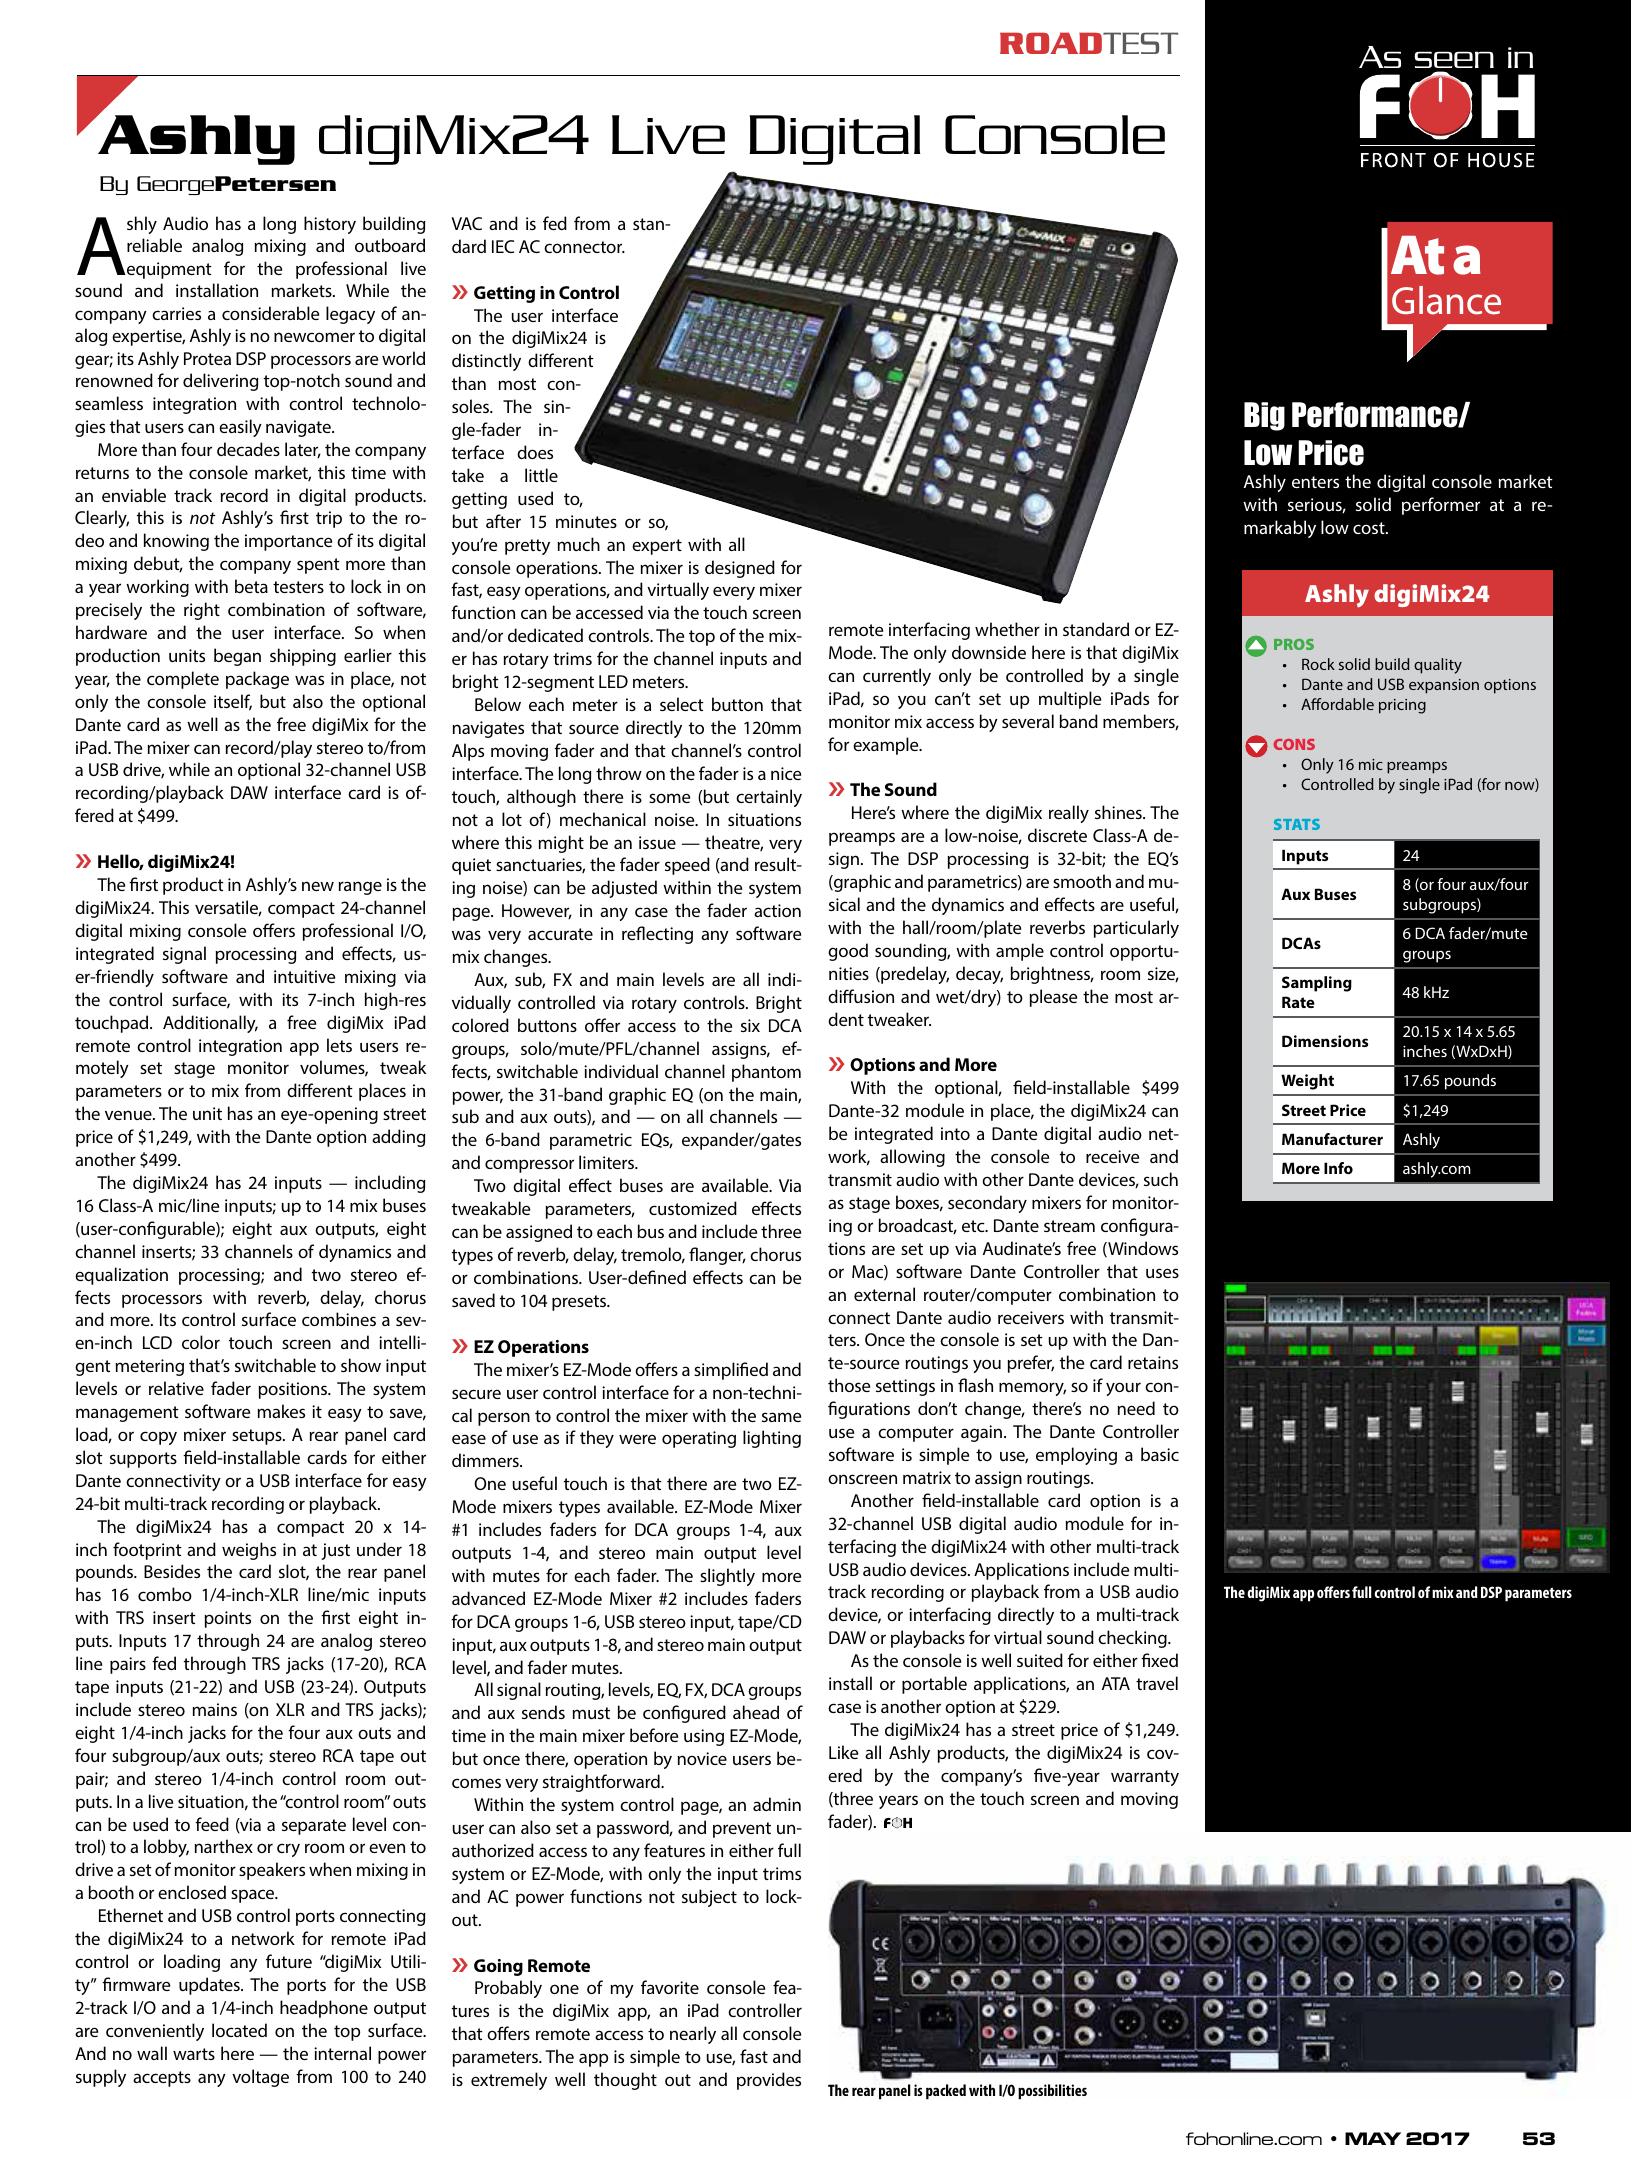 Ashly digiMix24 Live Digital Console   manualzz com